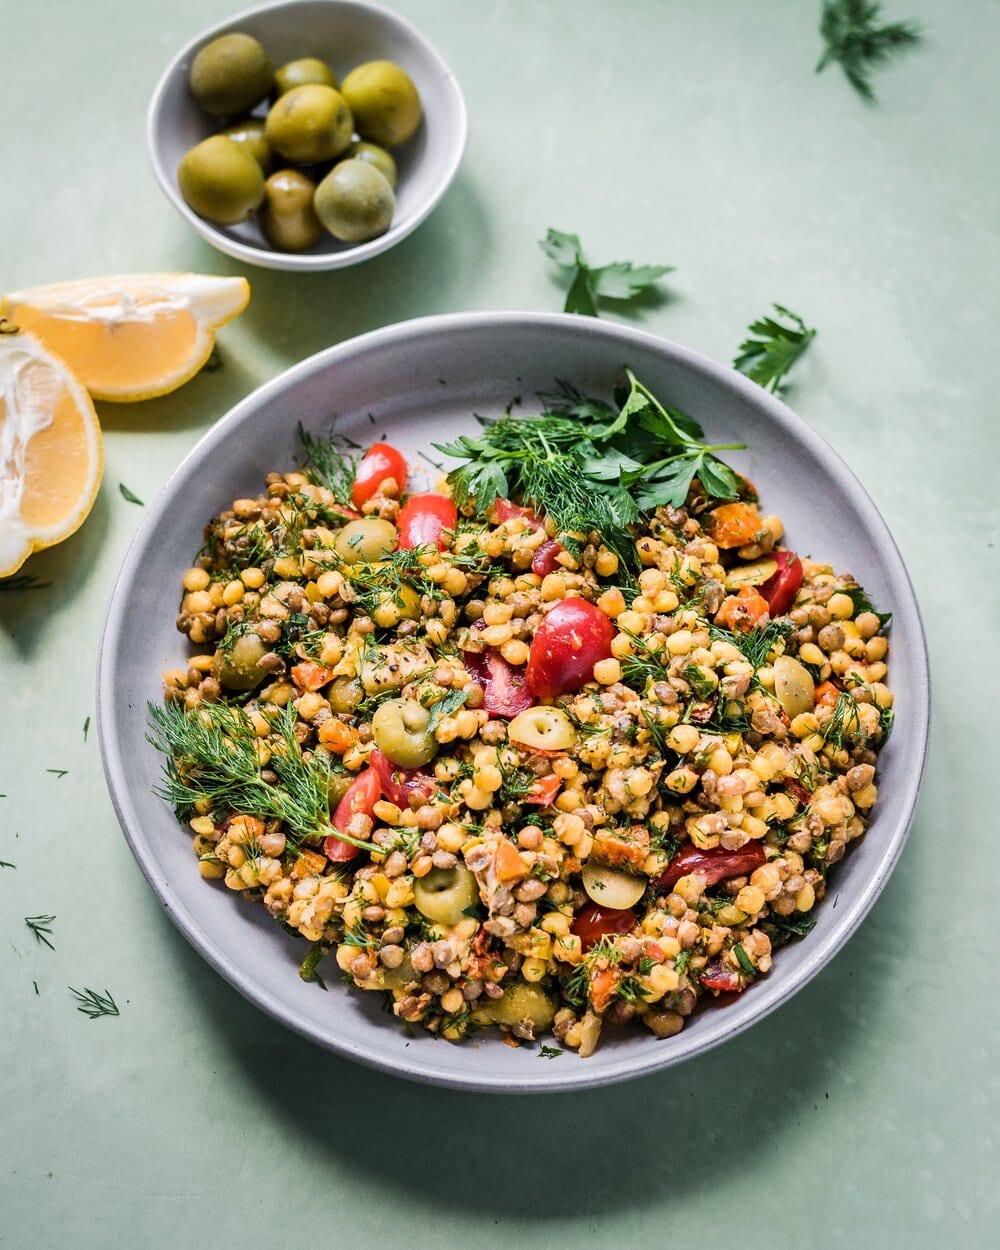 Couscous and lentils 2.JPEG